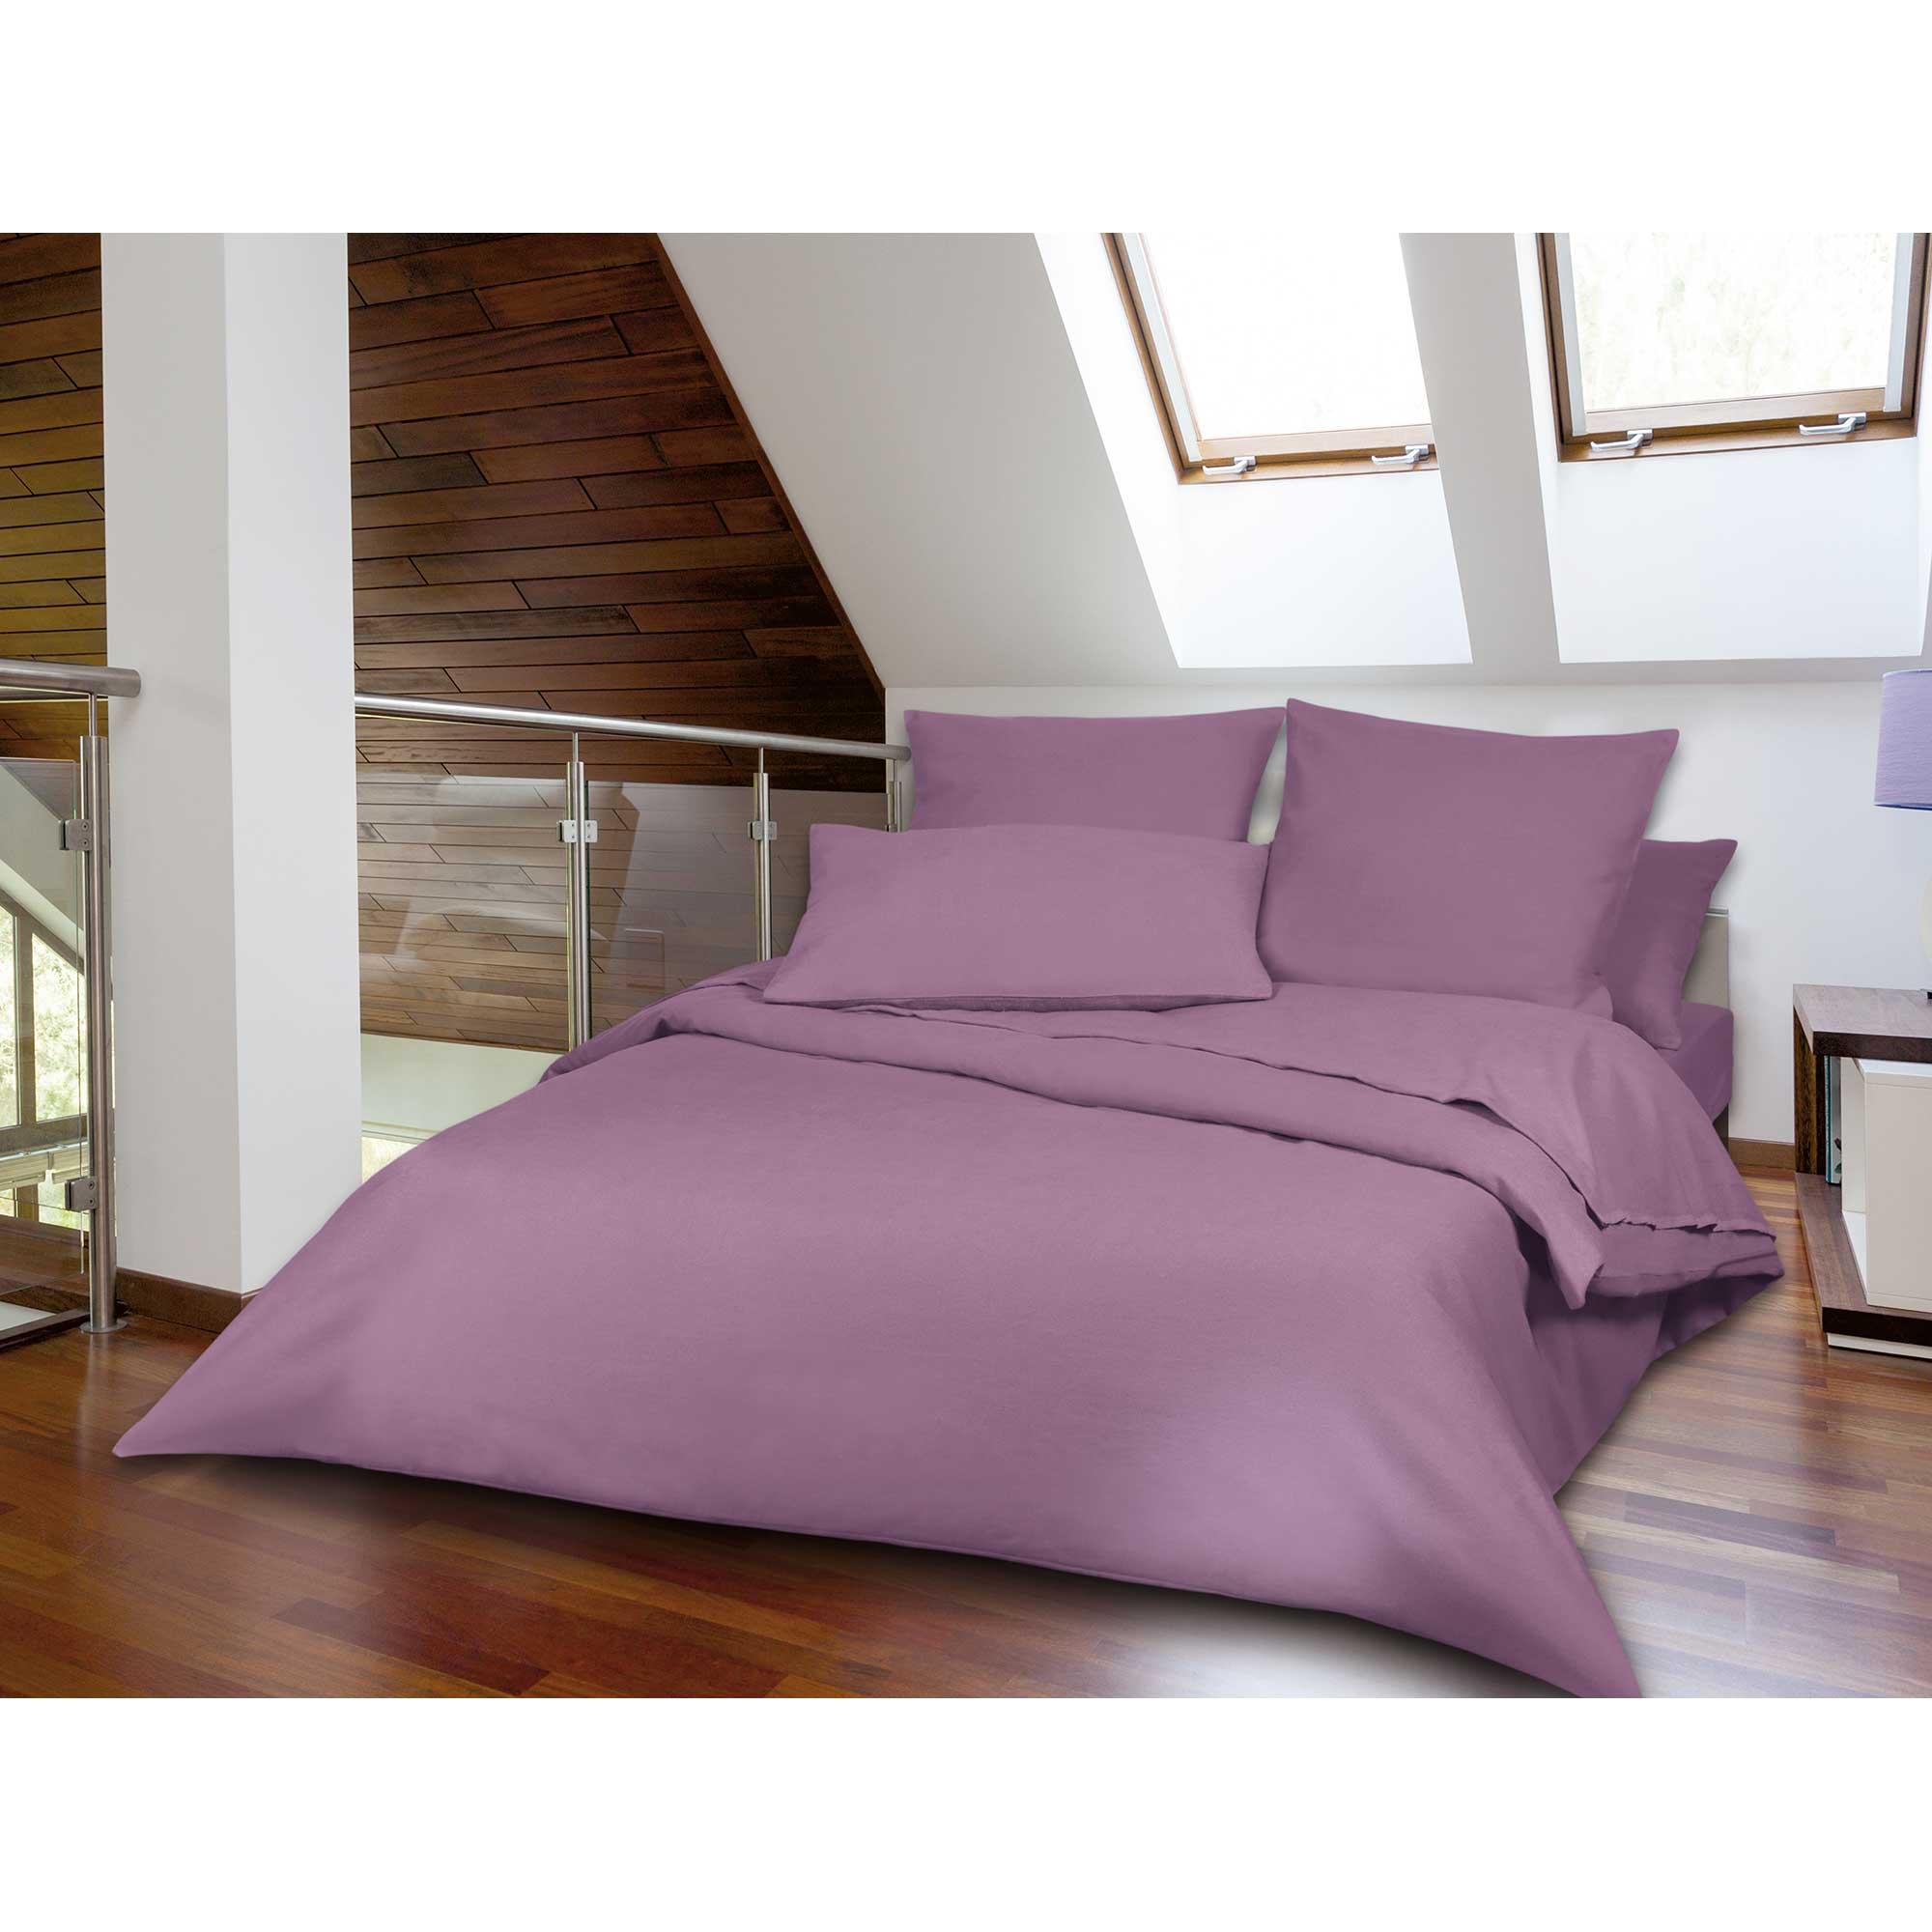 article linge de lit en flanelle de coton. Black Bedroom Furniture Sets. Home Design Ideas